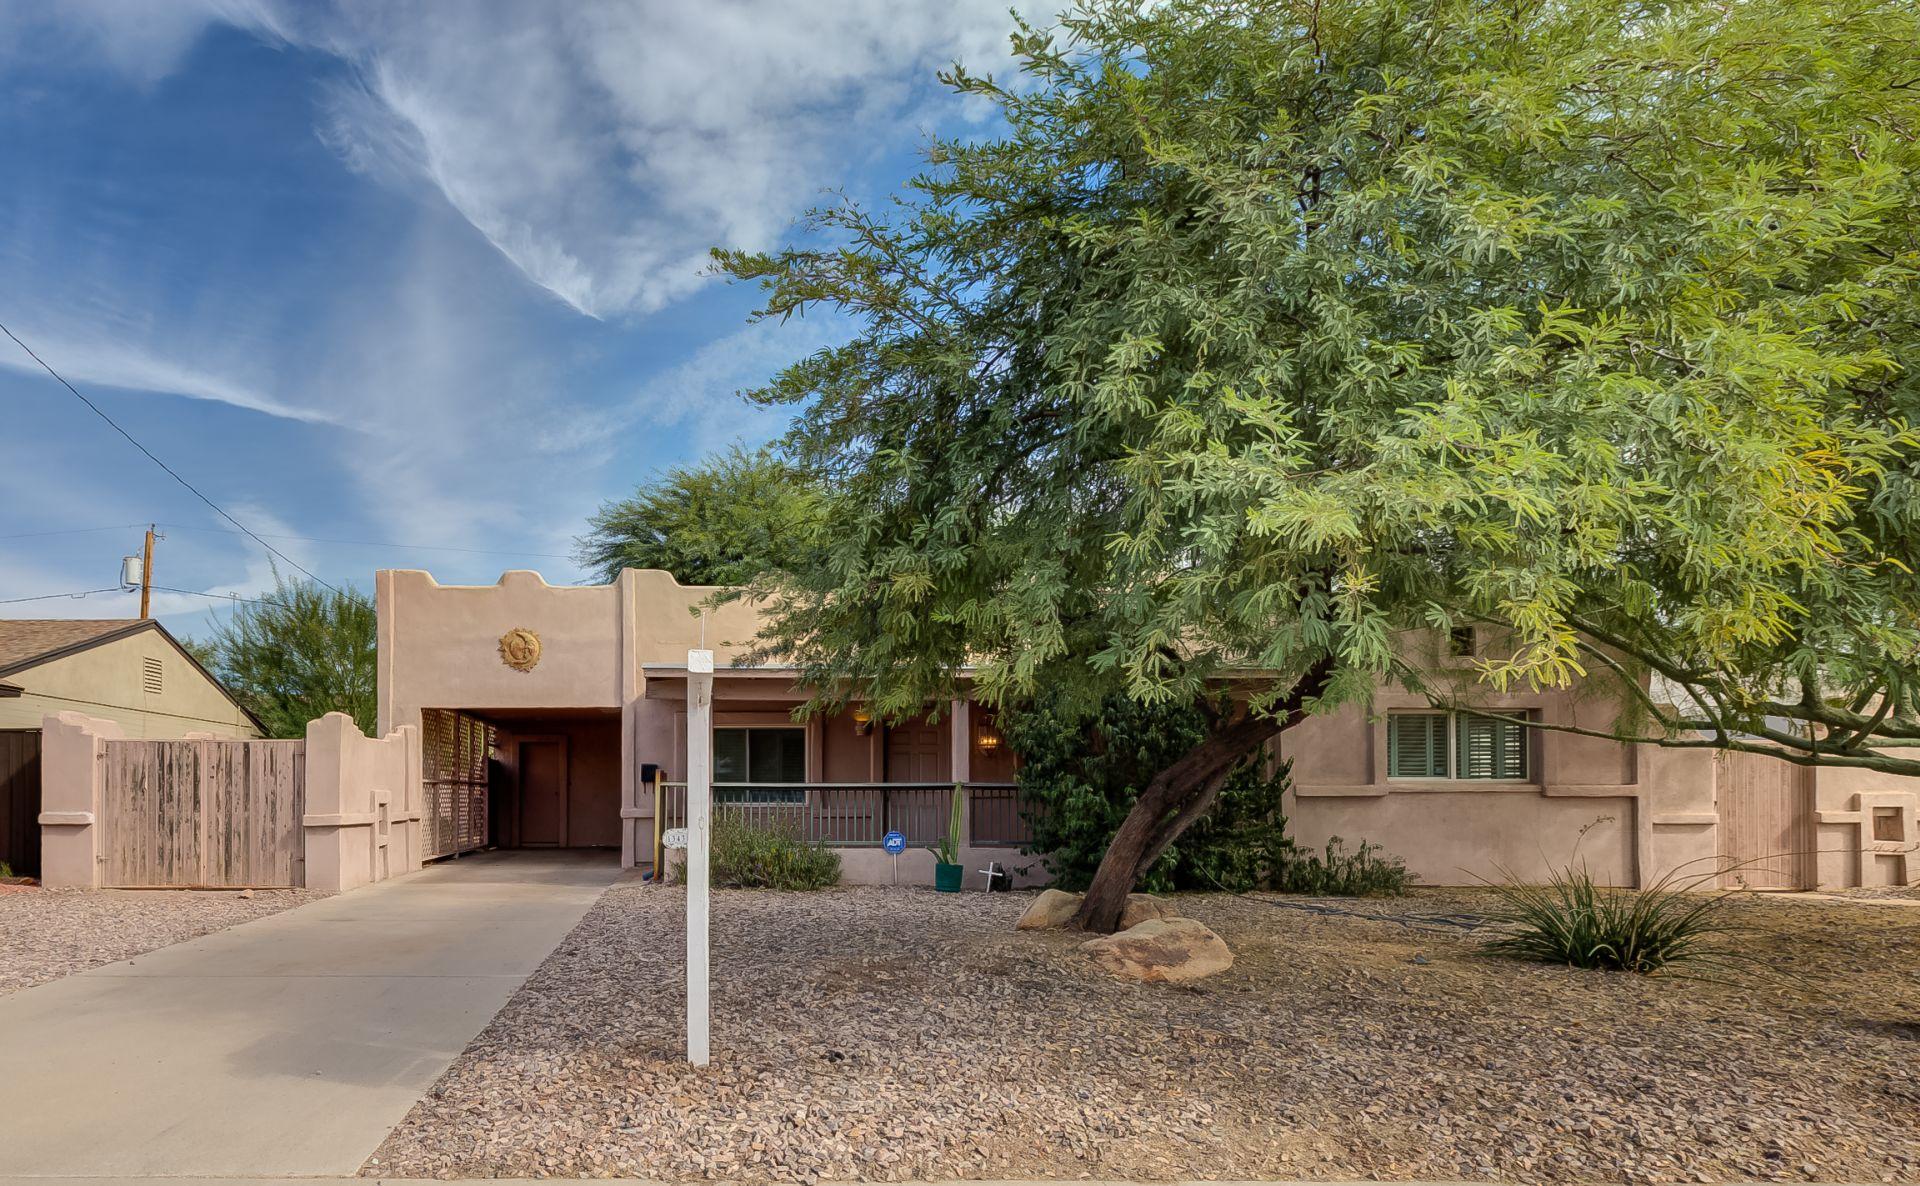 13435 N 33RD ST, Phoenix, AZ 85032